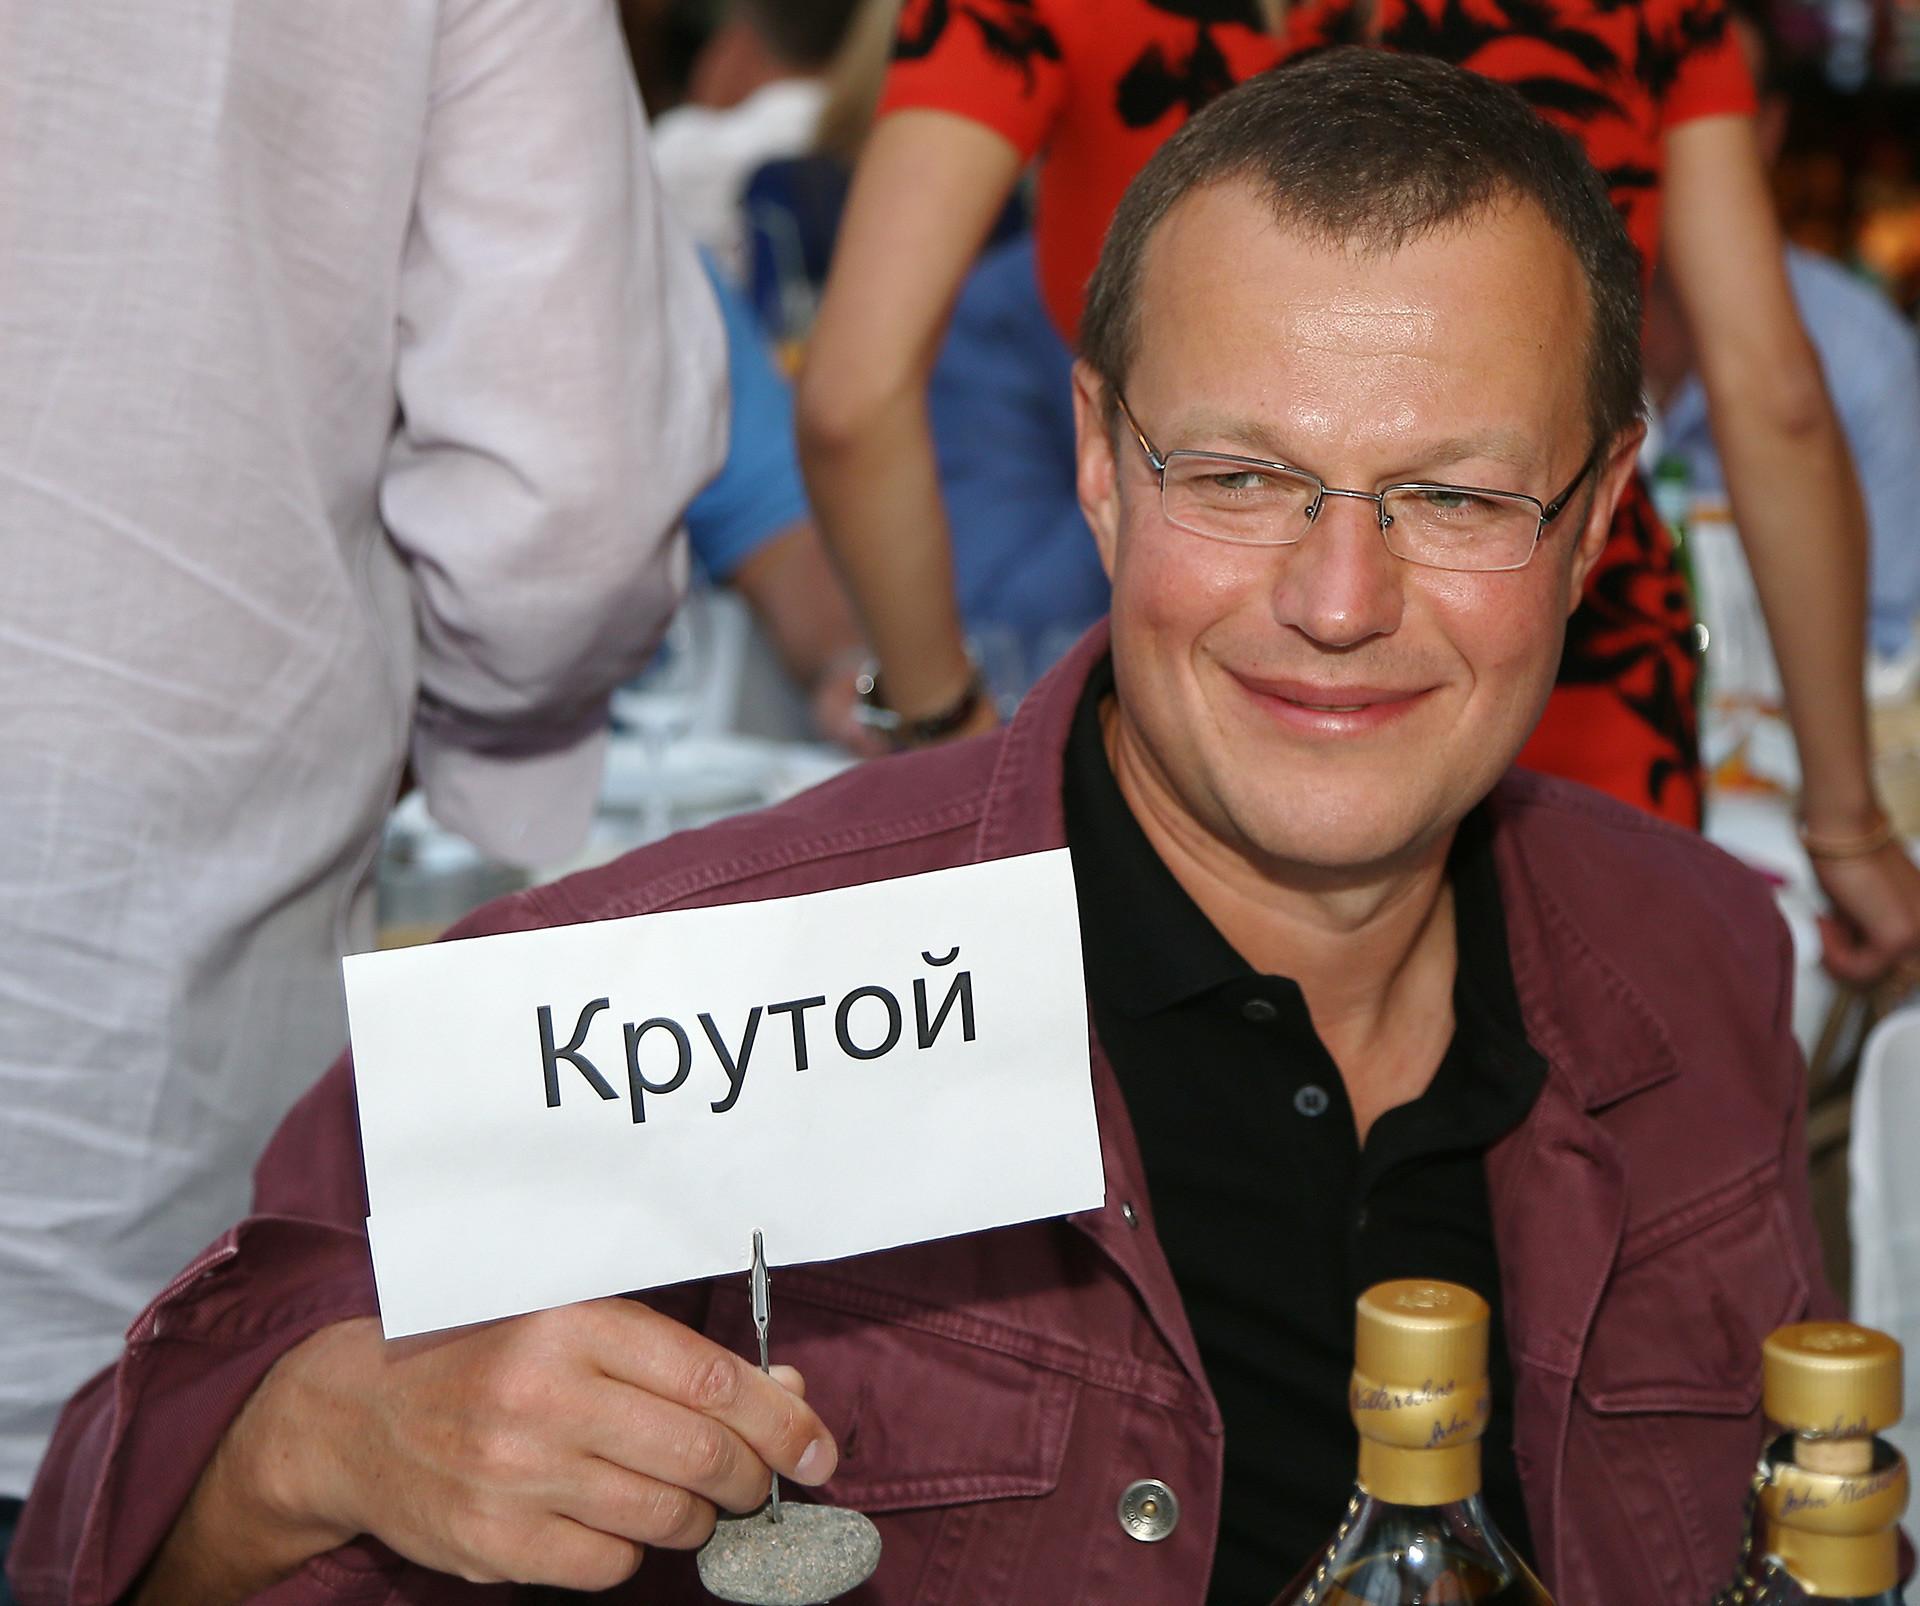 Rusija je tvrdila da je Šefler nezakonito kupio više zaštićenih znakova ispod tržišne cijene kada je iskoristio kaos kraja 1990-ih.